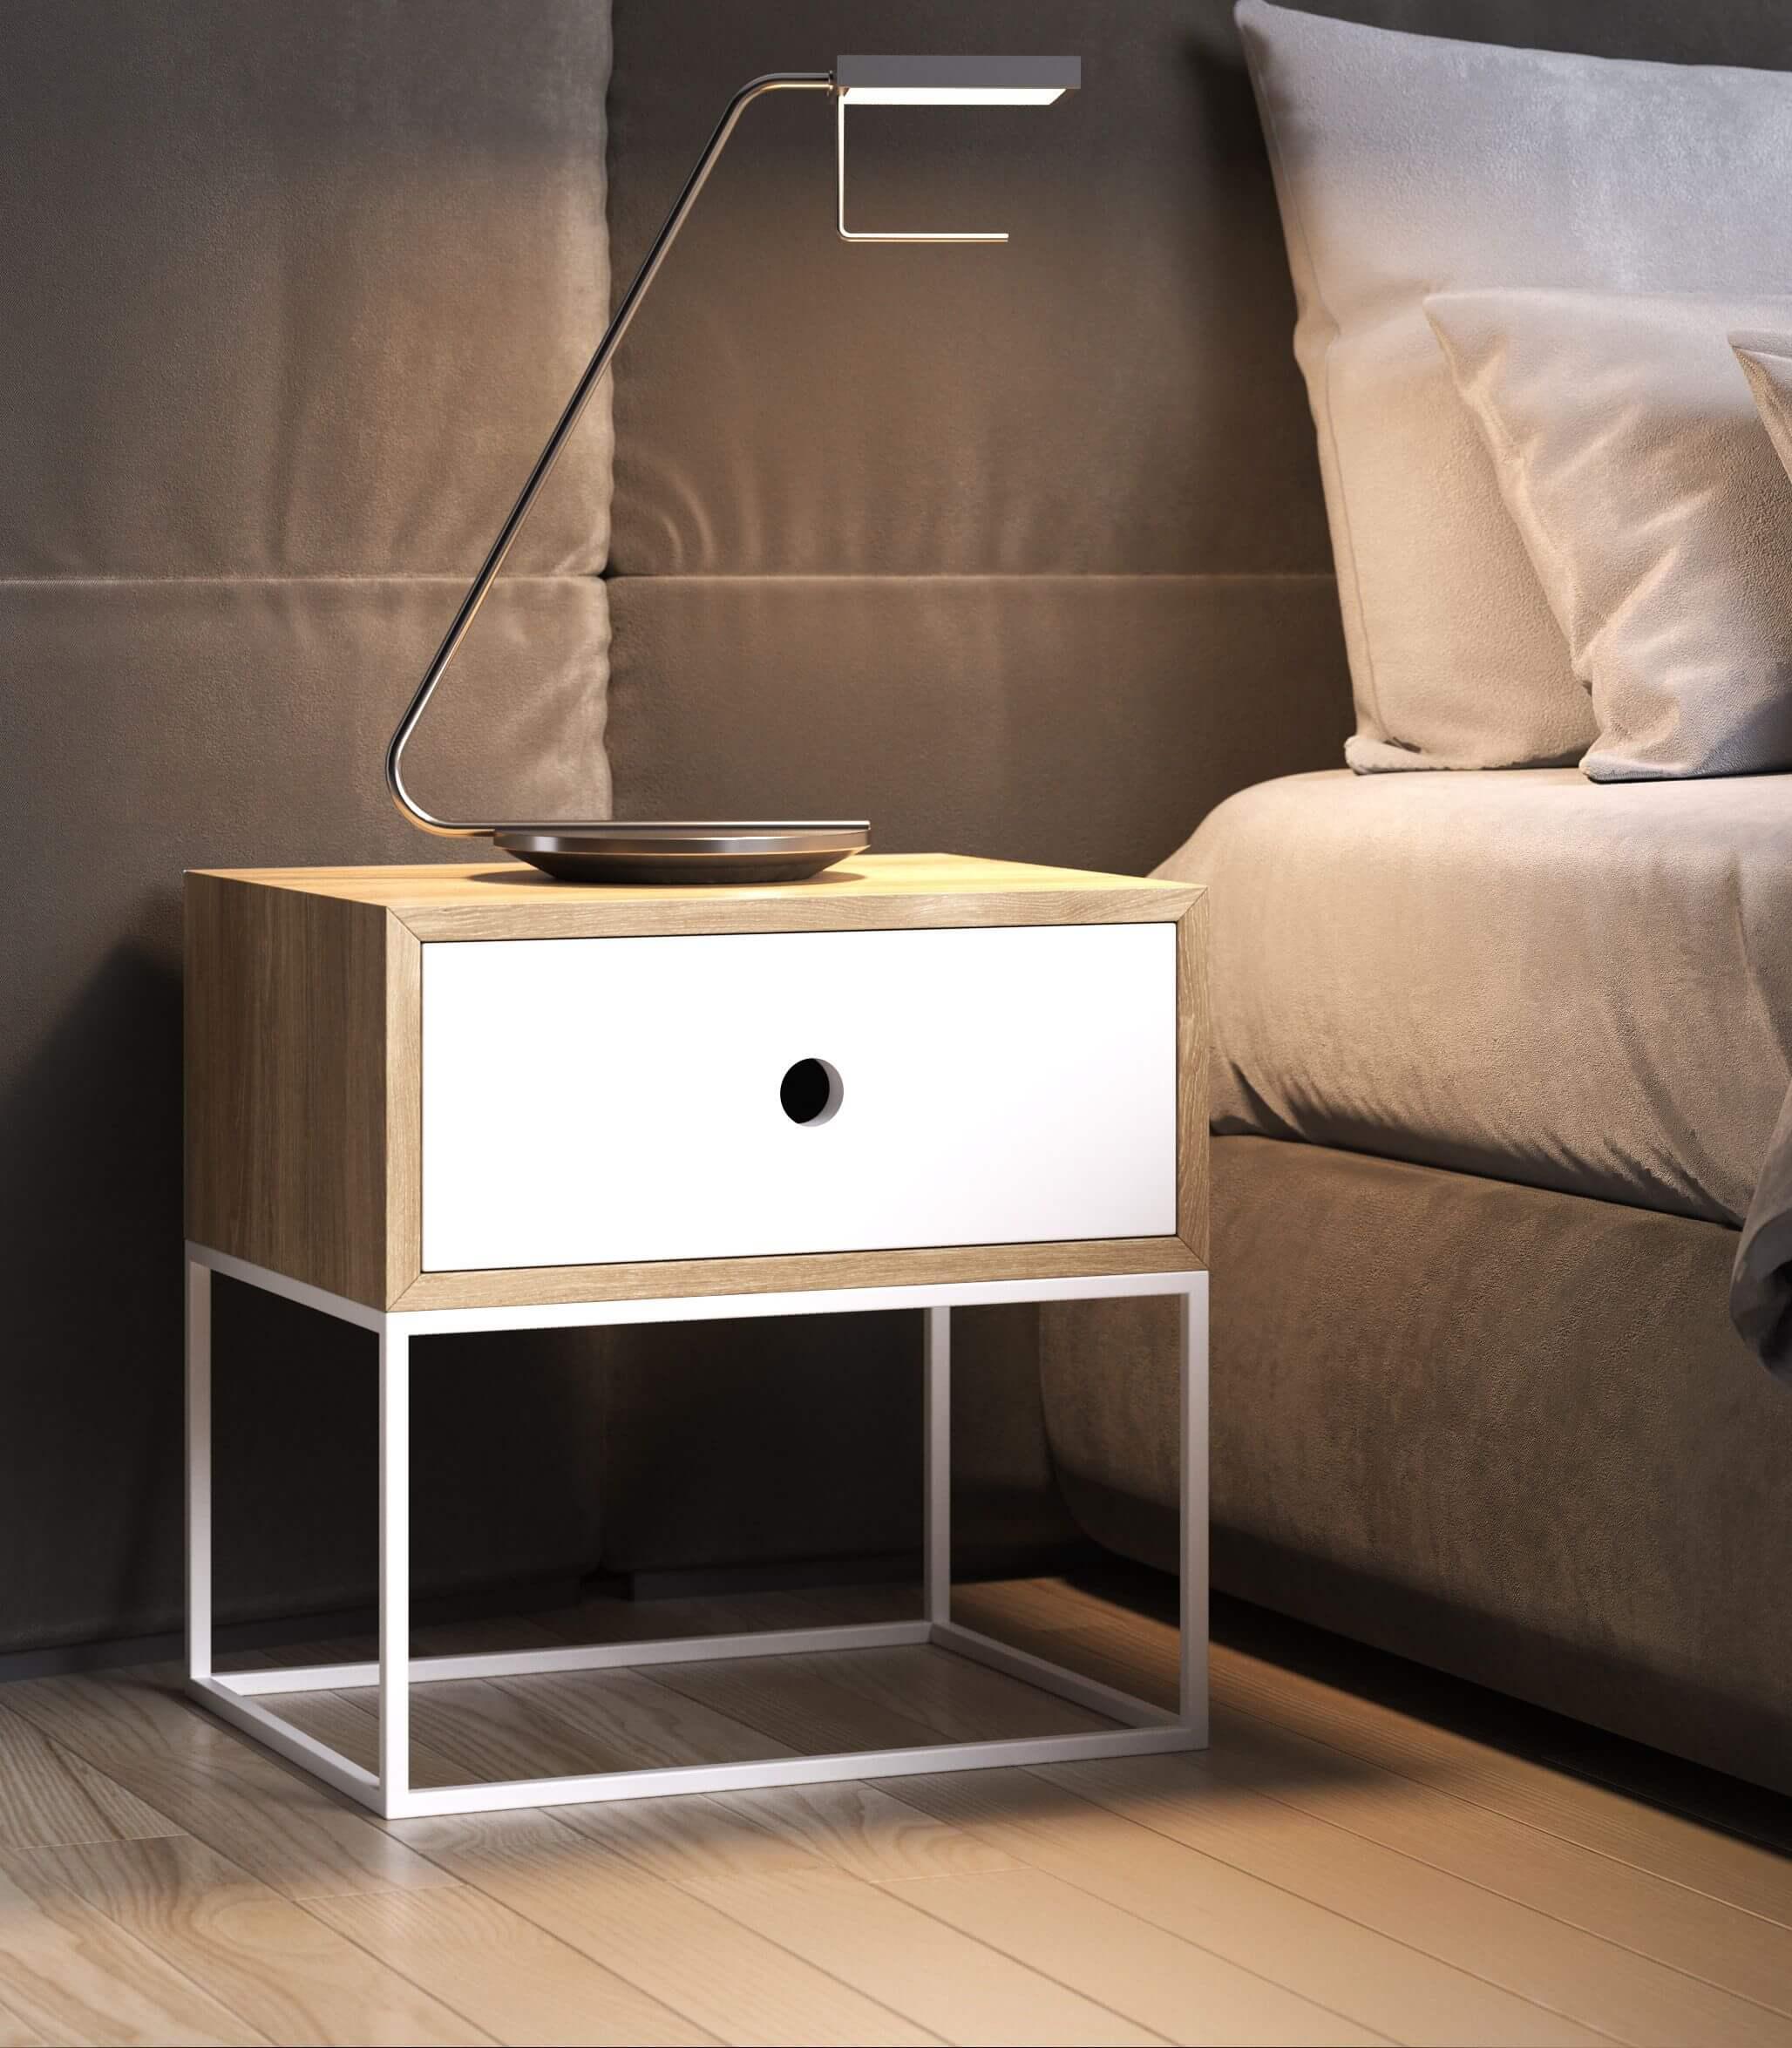 nowoczesny stolik nocny z szufladą arsen - take me HOME